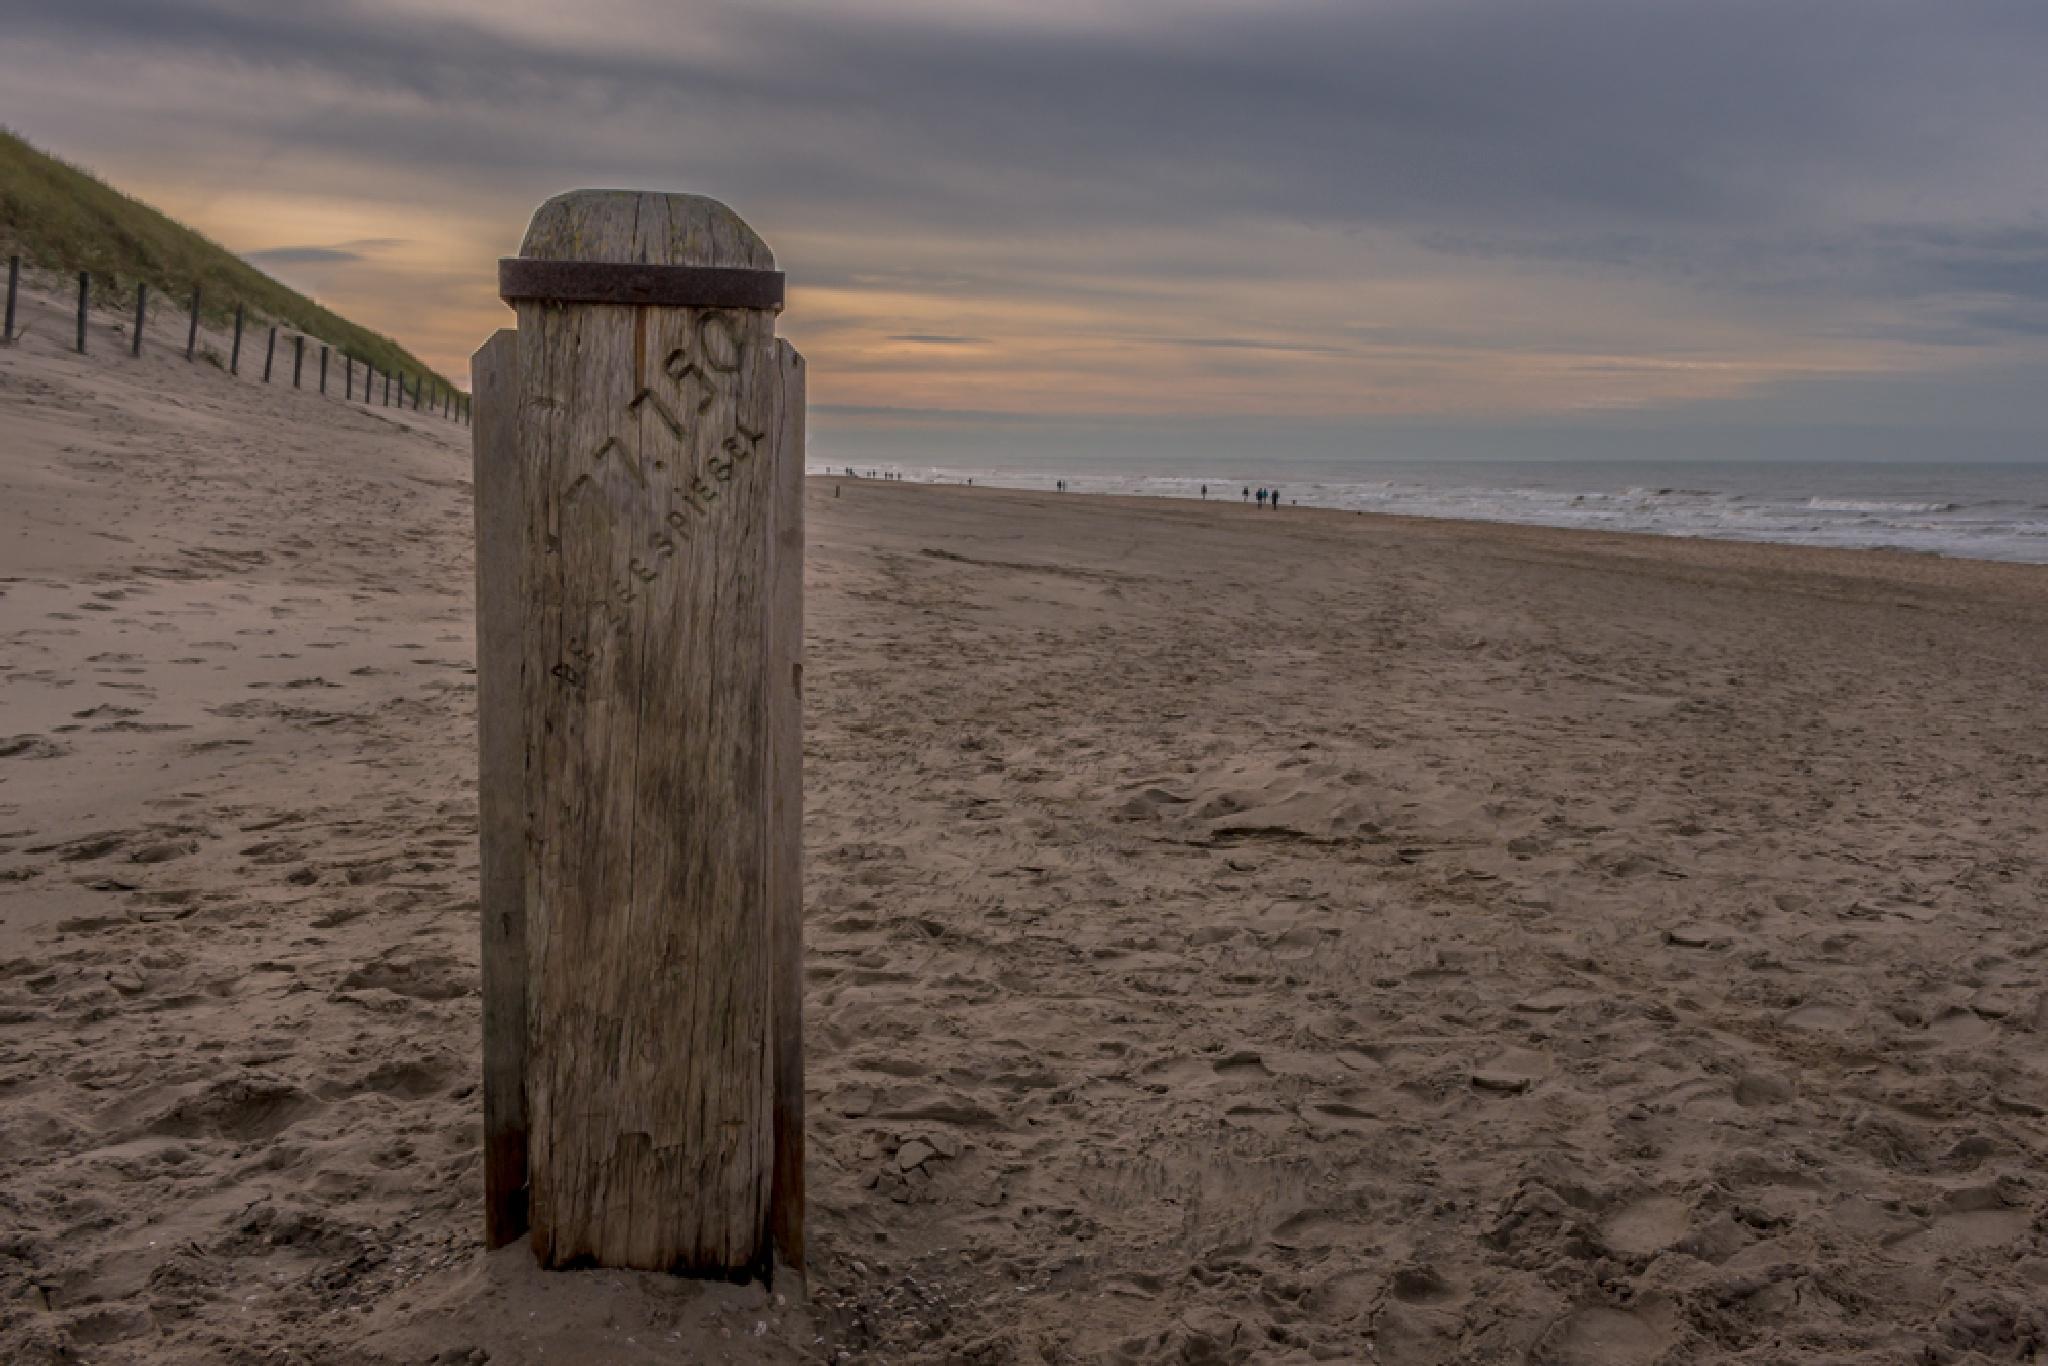 De Zeespiegel by Johan Viele